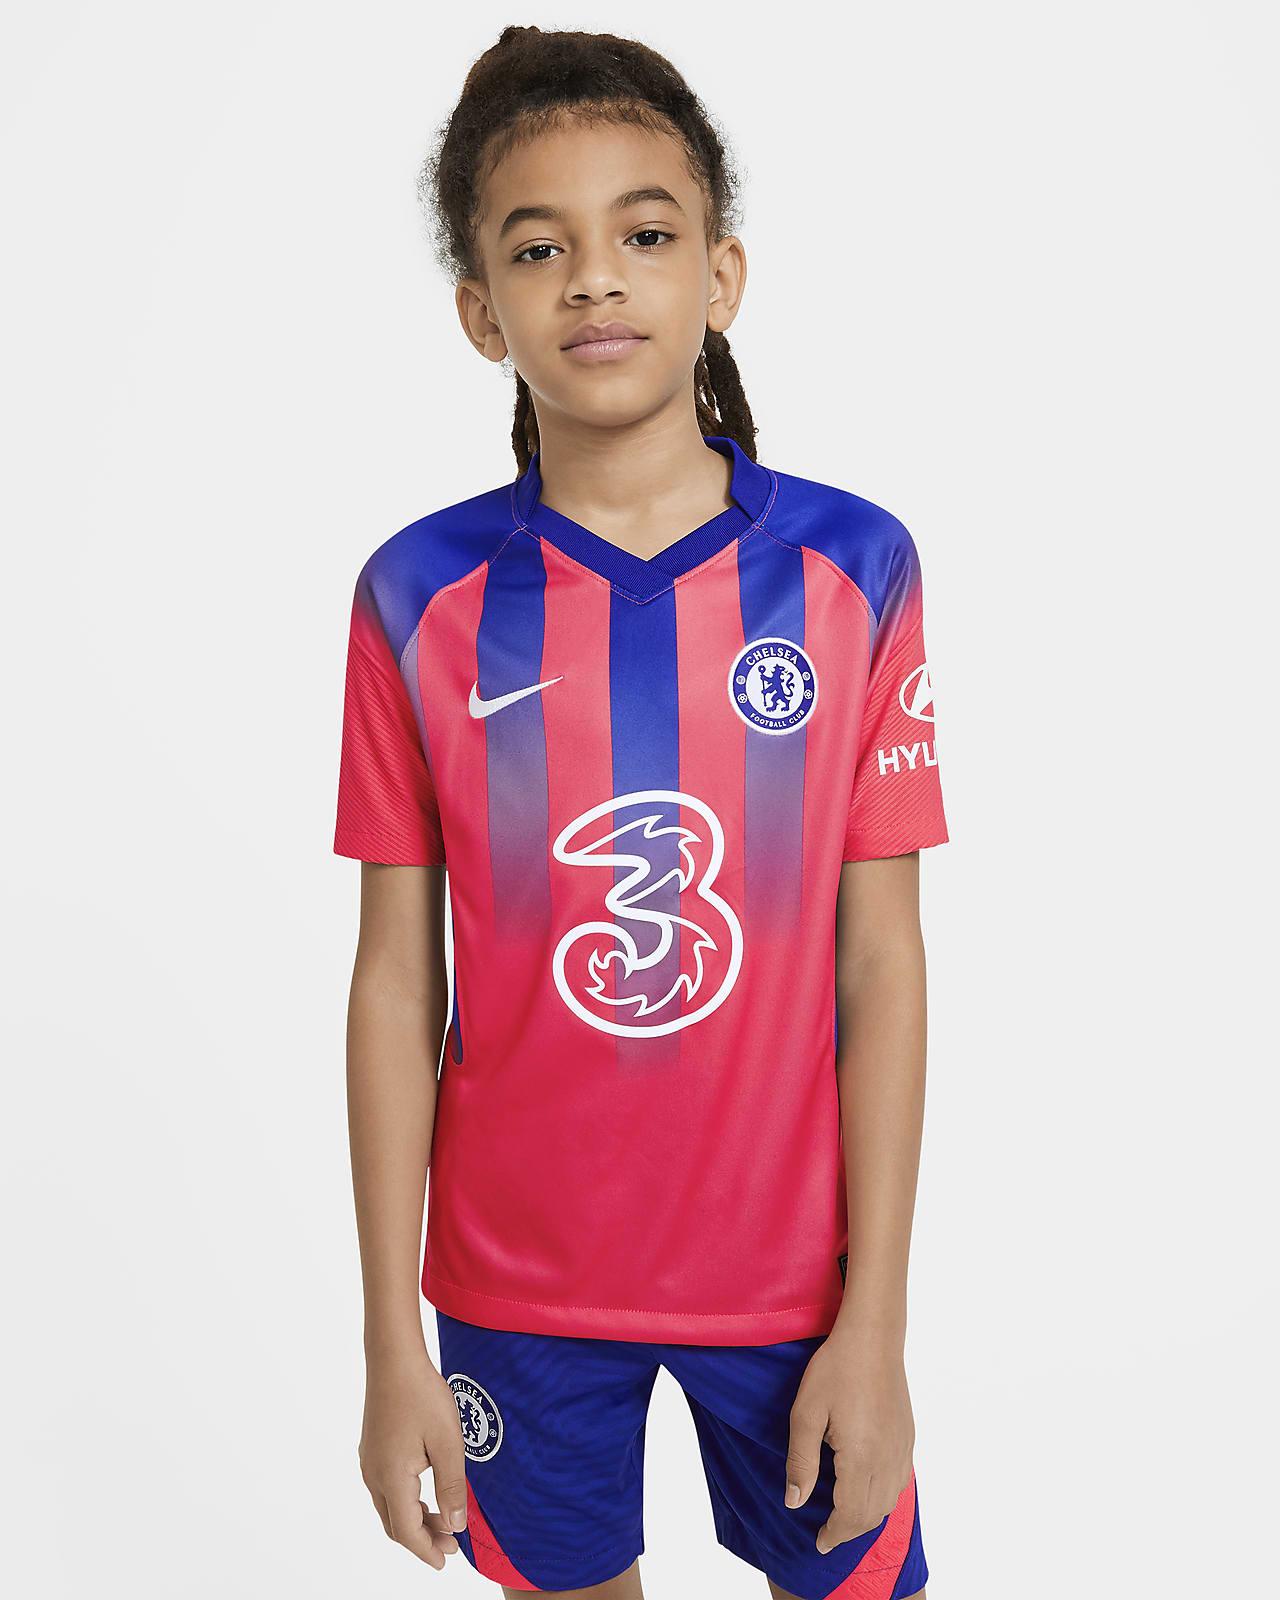 Chelsea FC 2020/21 Stadium (tredjedrakt) fotballdrakt til store barn